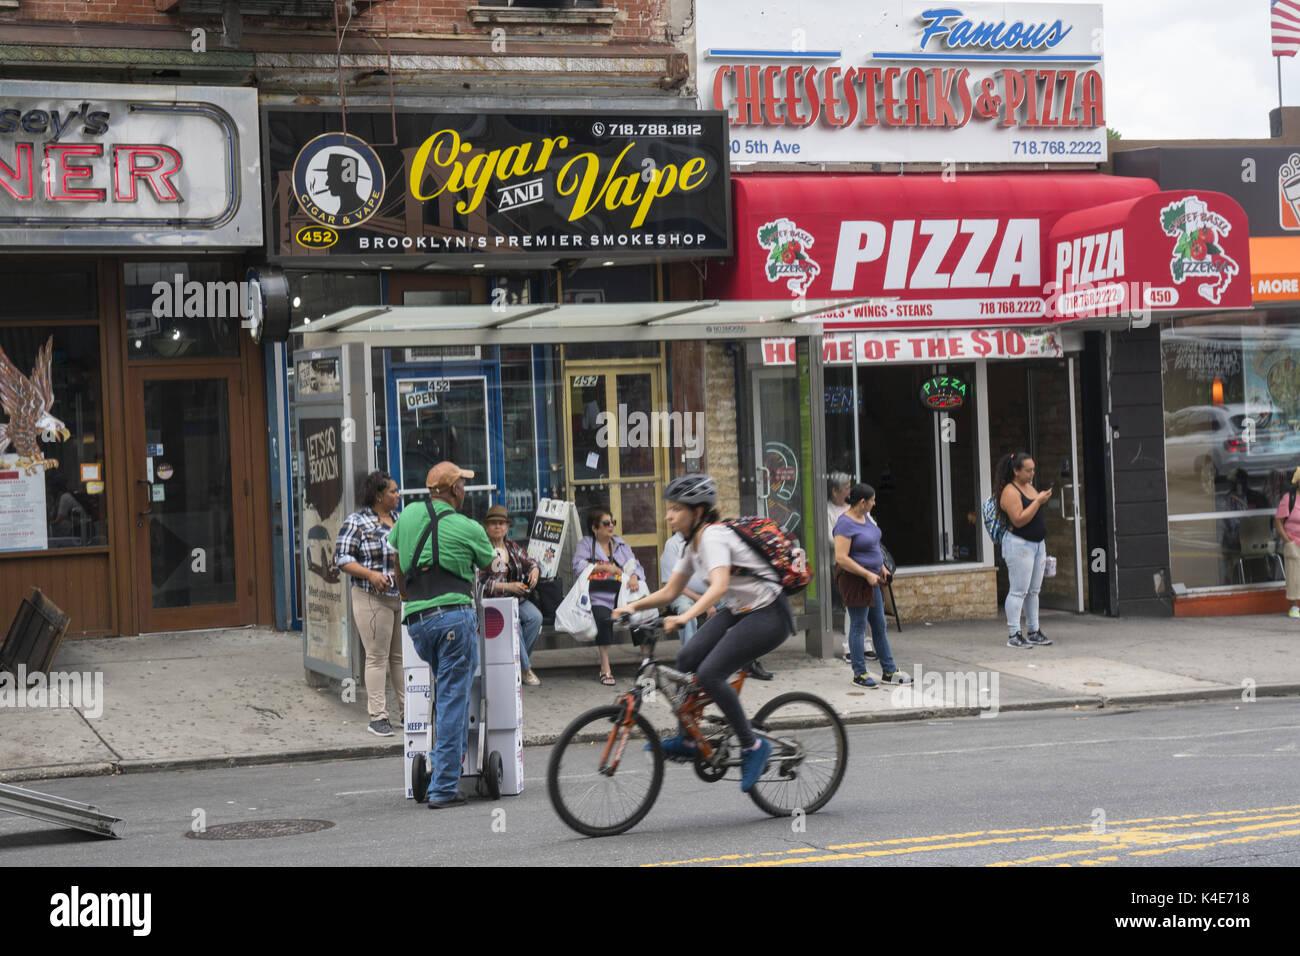 452 Fifth Avenue Brooklyn